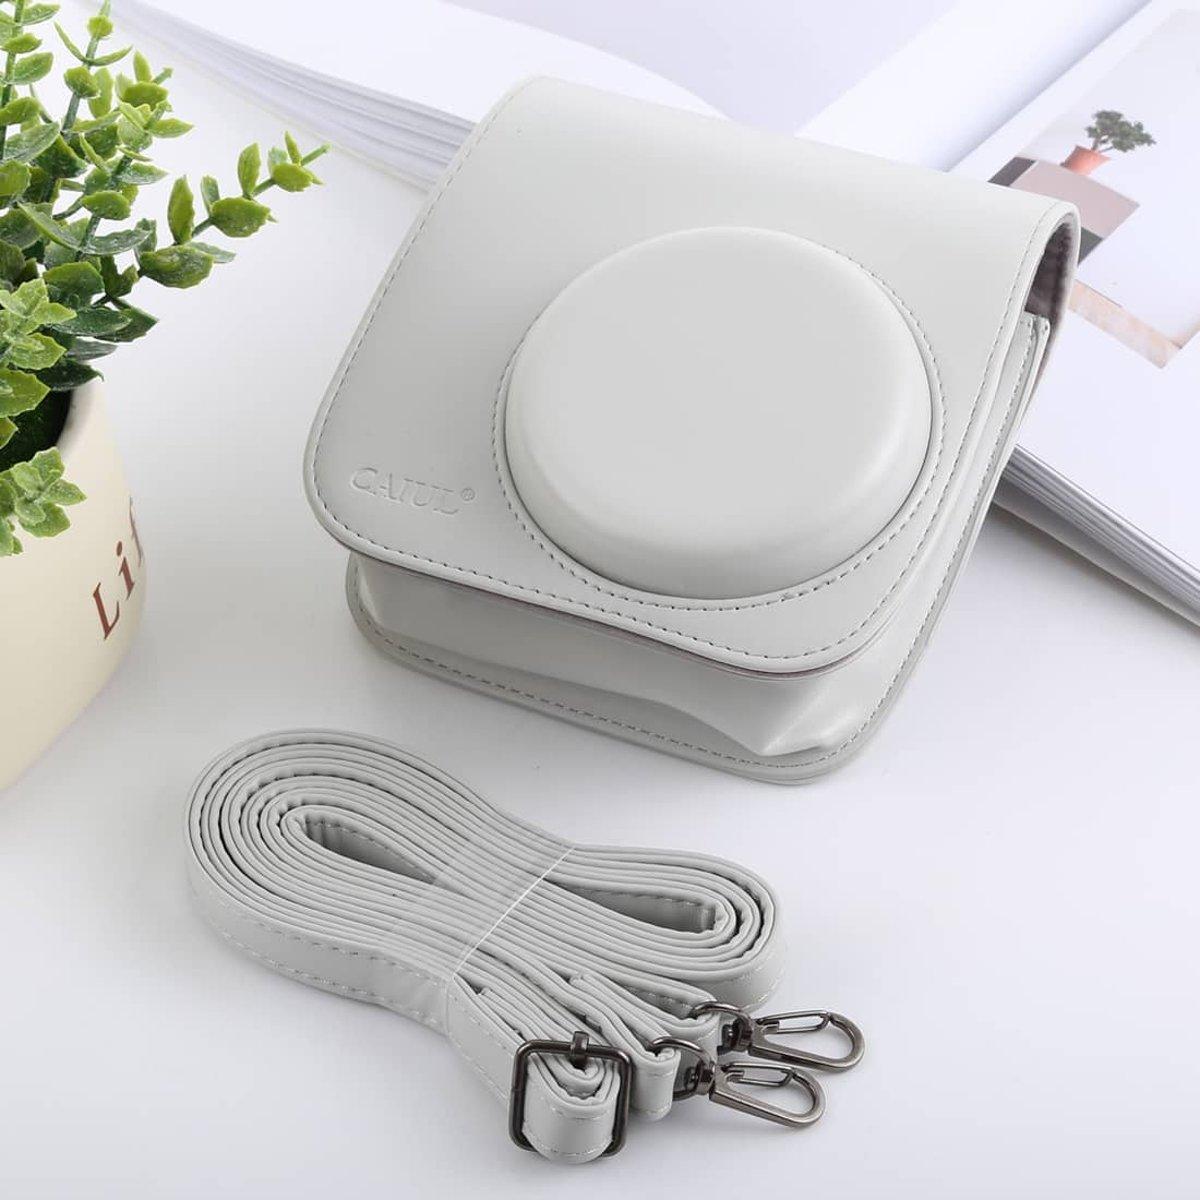 Retro stijl Full Body Camera PU lederen tas tas met riem voor FUJIFILM - Wit